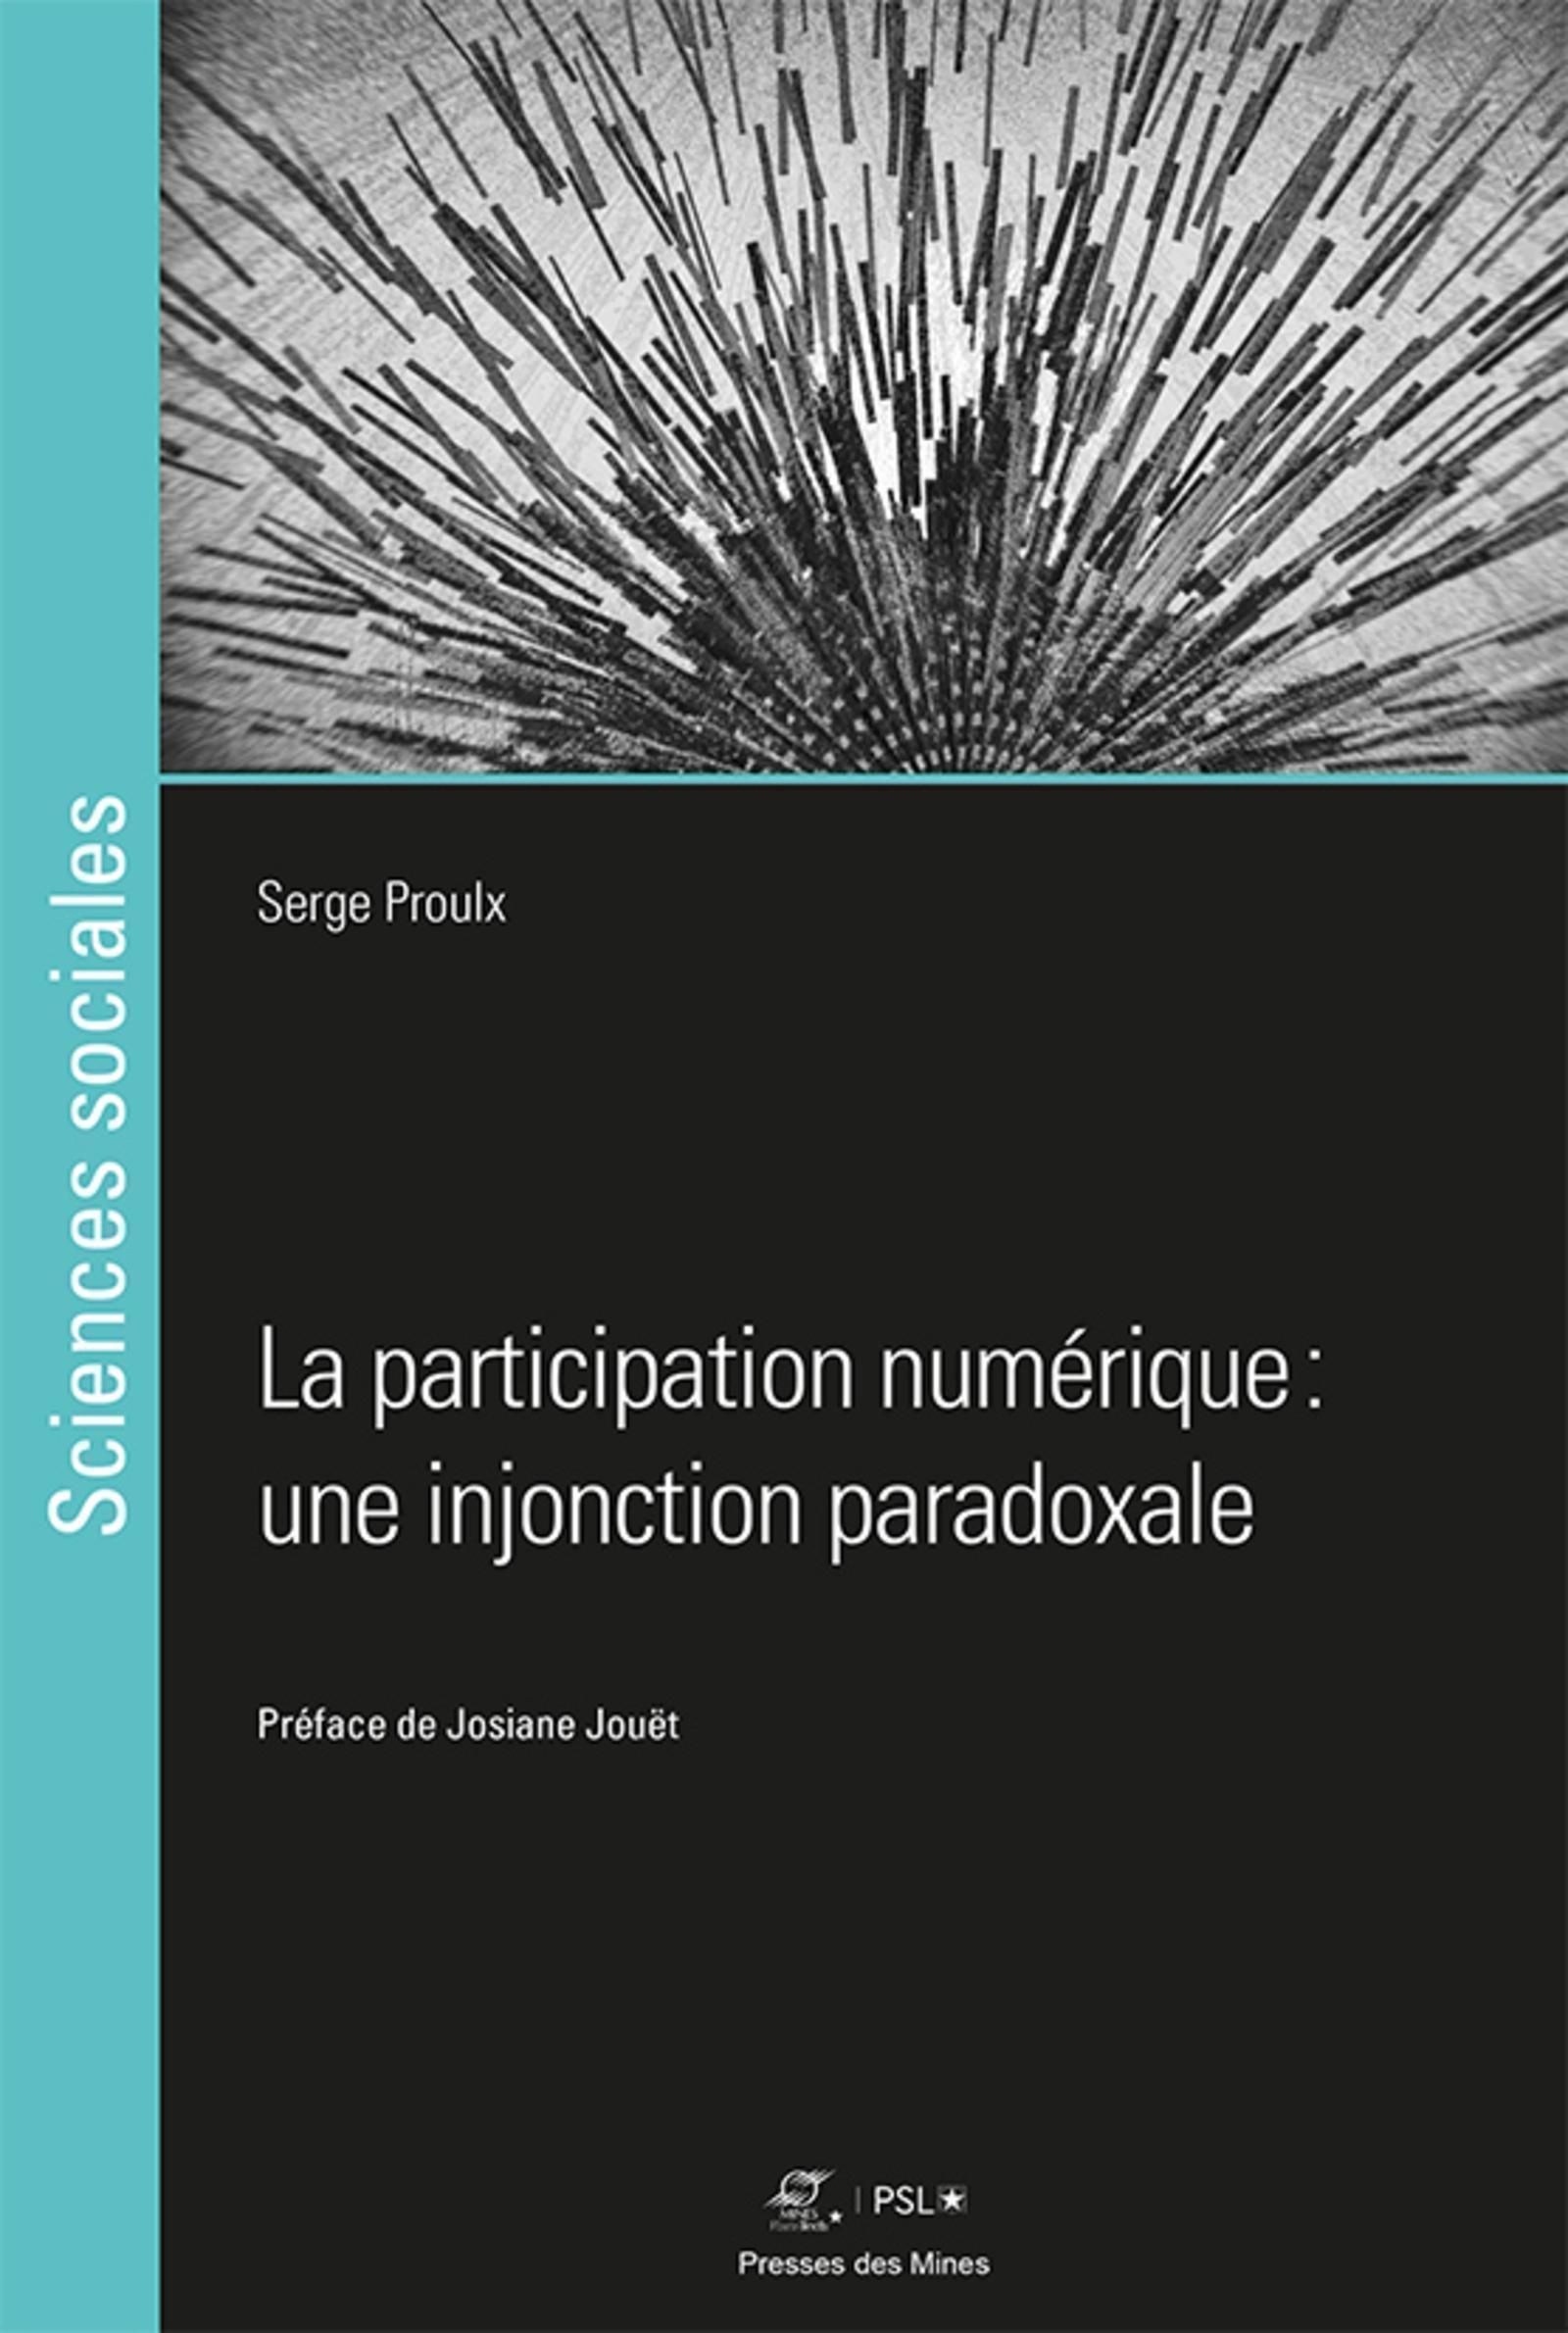 LA PARTICIPATION NUMERIQUE : UNE INJONCTION PARADOXALE